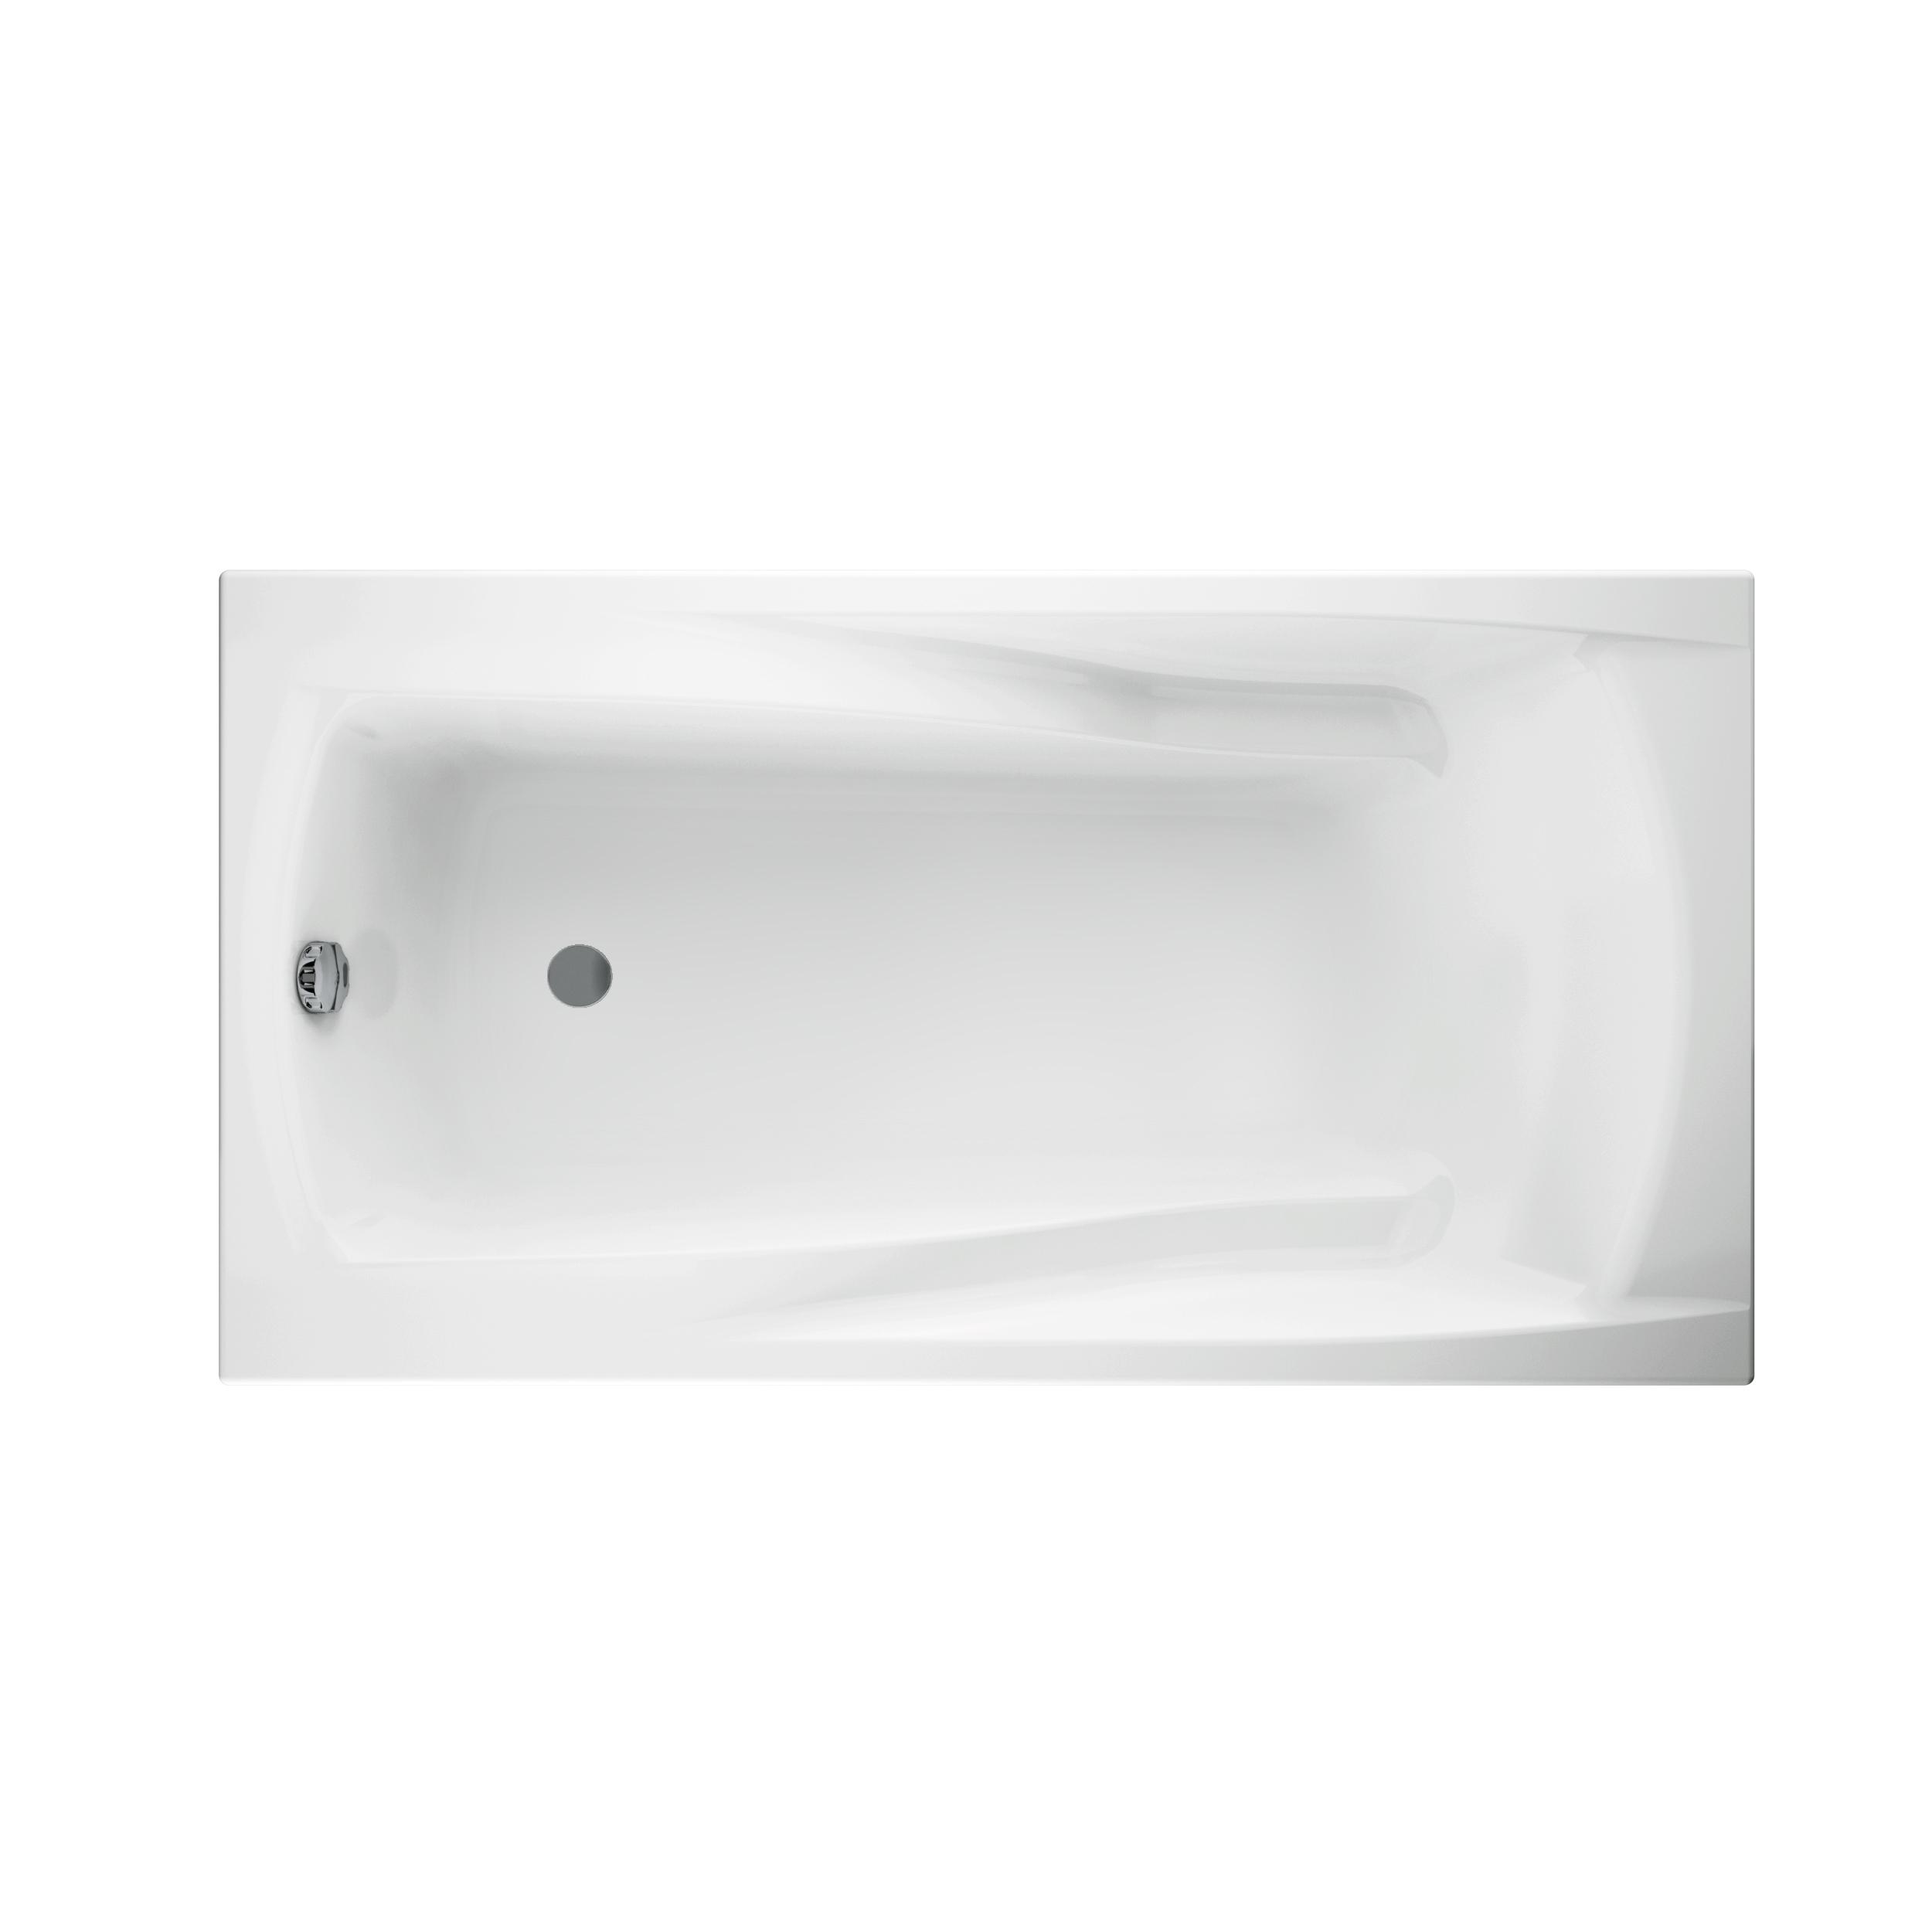 Ванна акриловая Cersanit Zen 160 01000